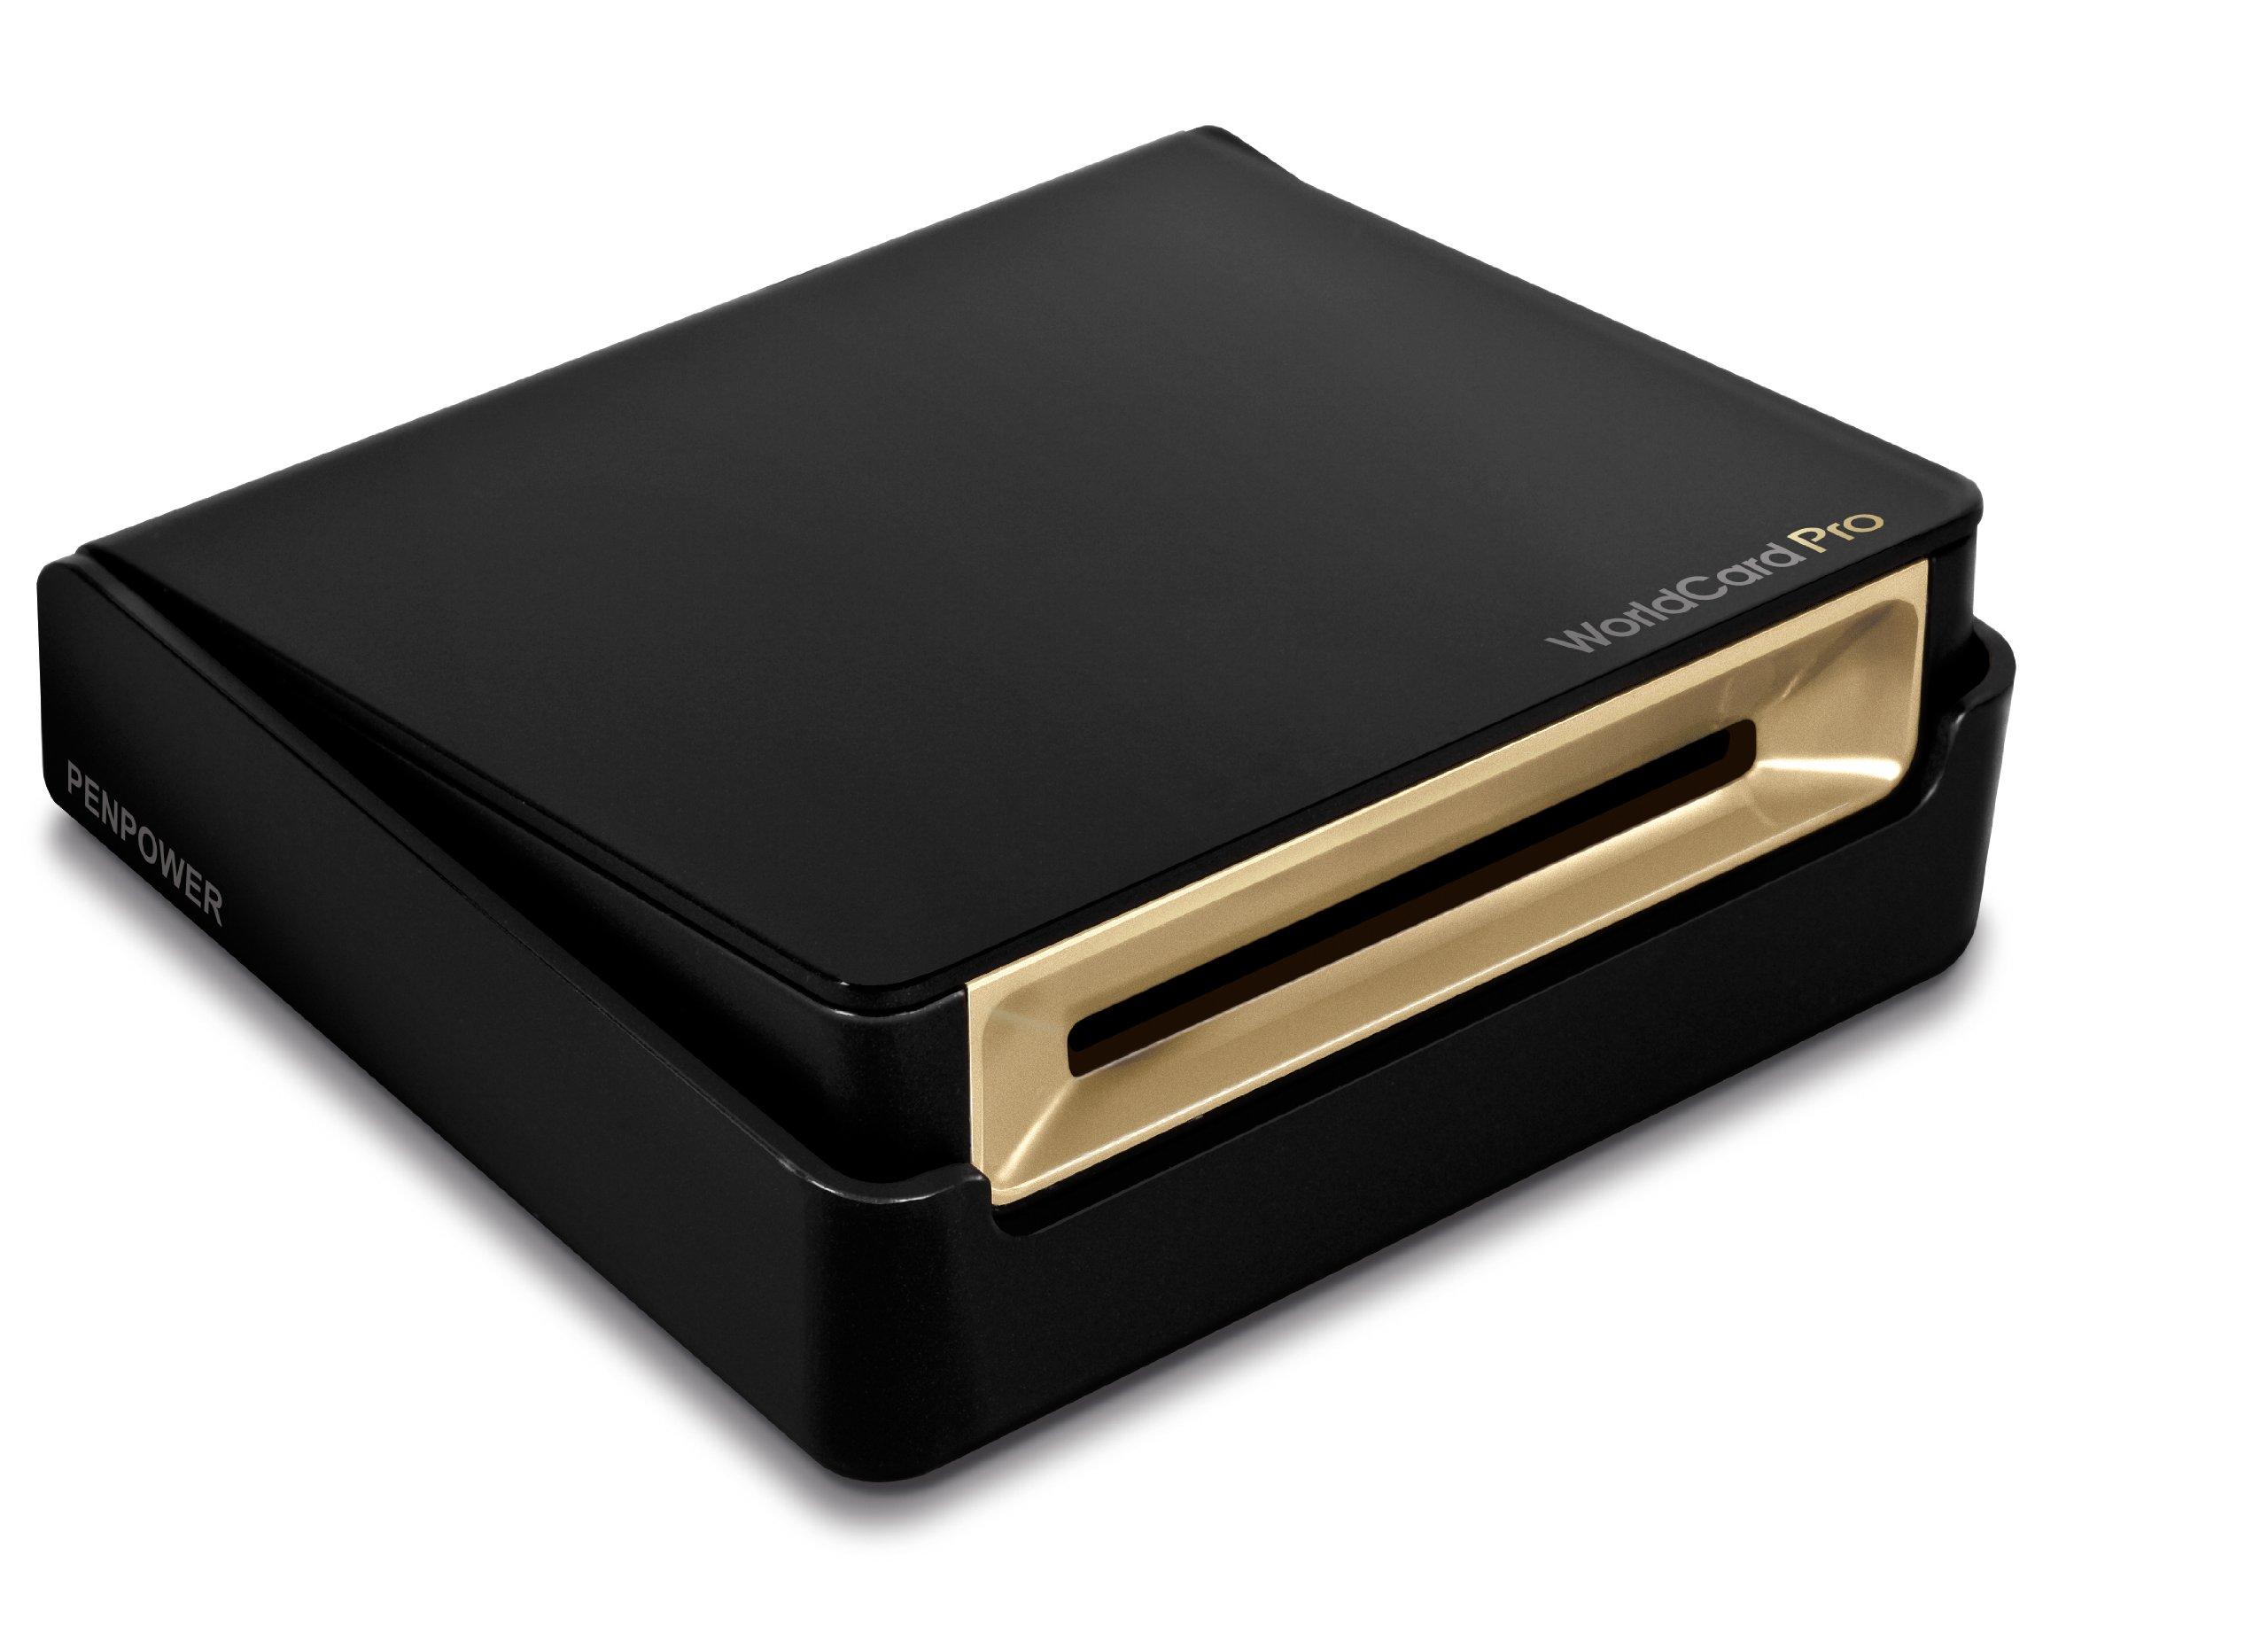 PenPower WorldCard Pro Business Card Scanner (Win/Mac) by PenPower